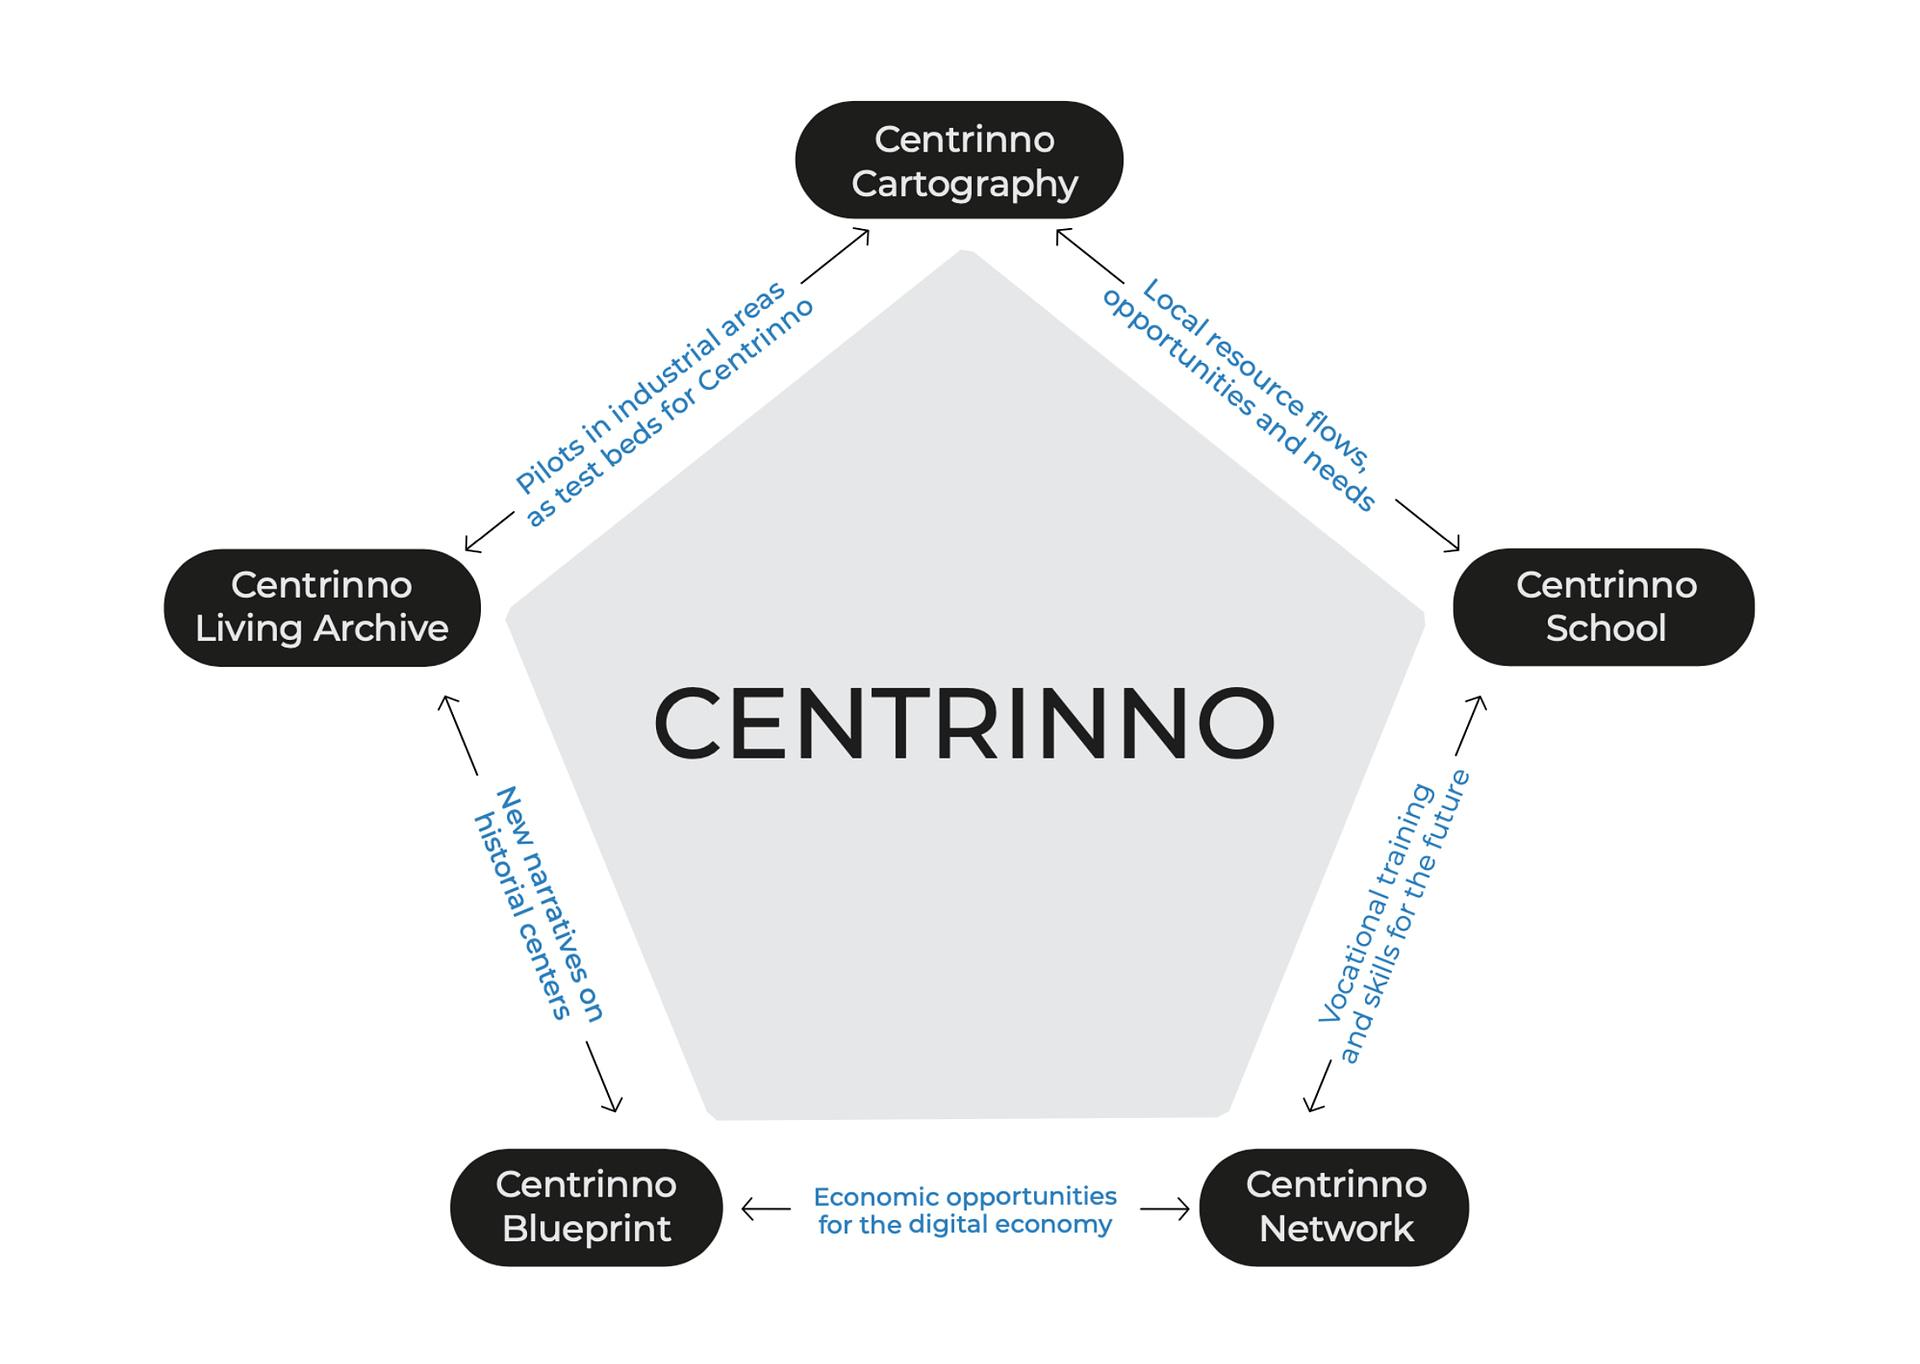 CENTRINNO_graphic1